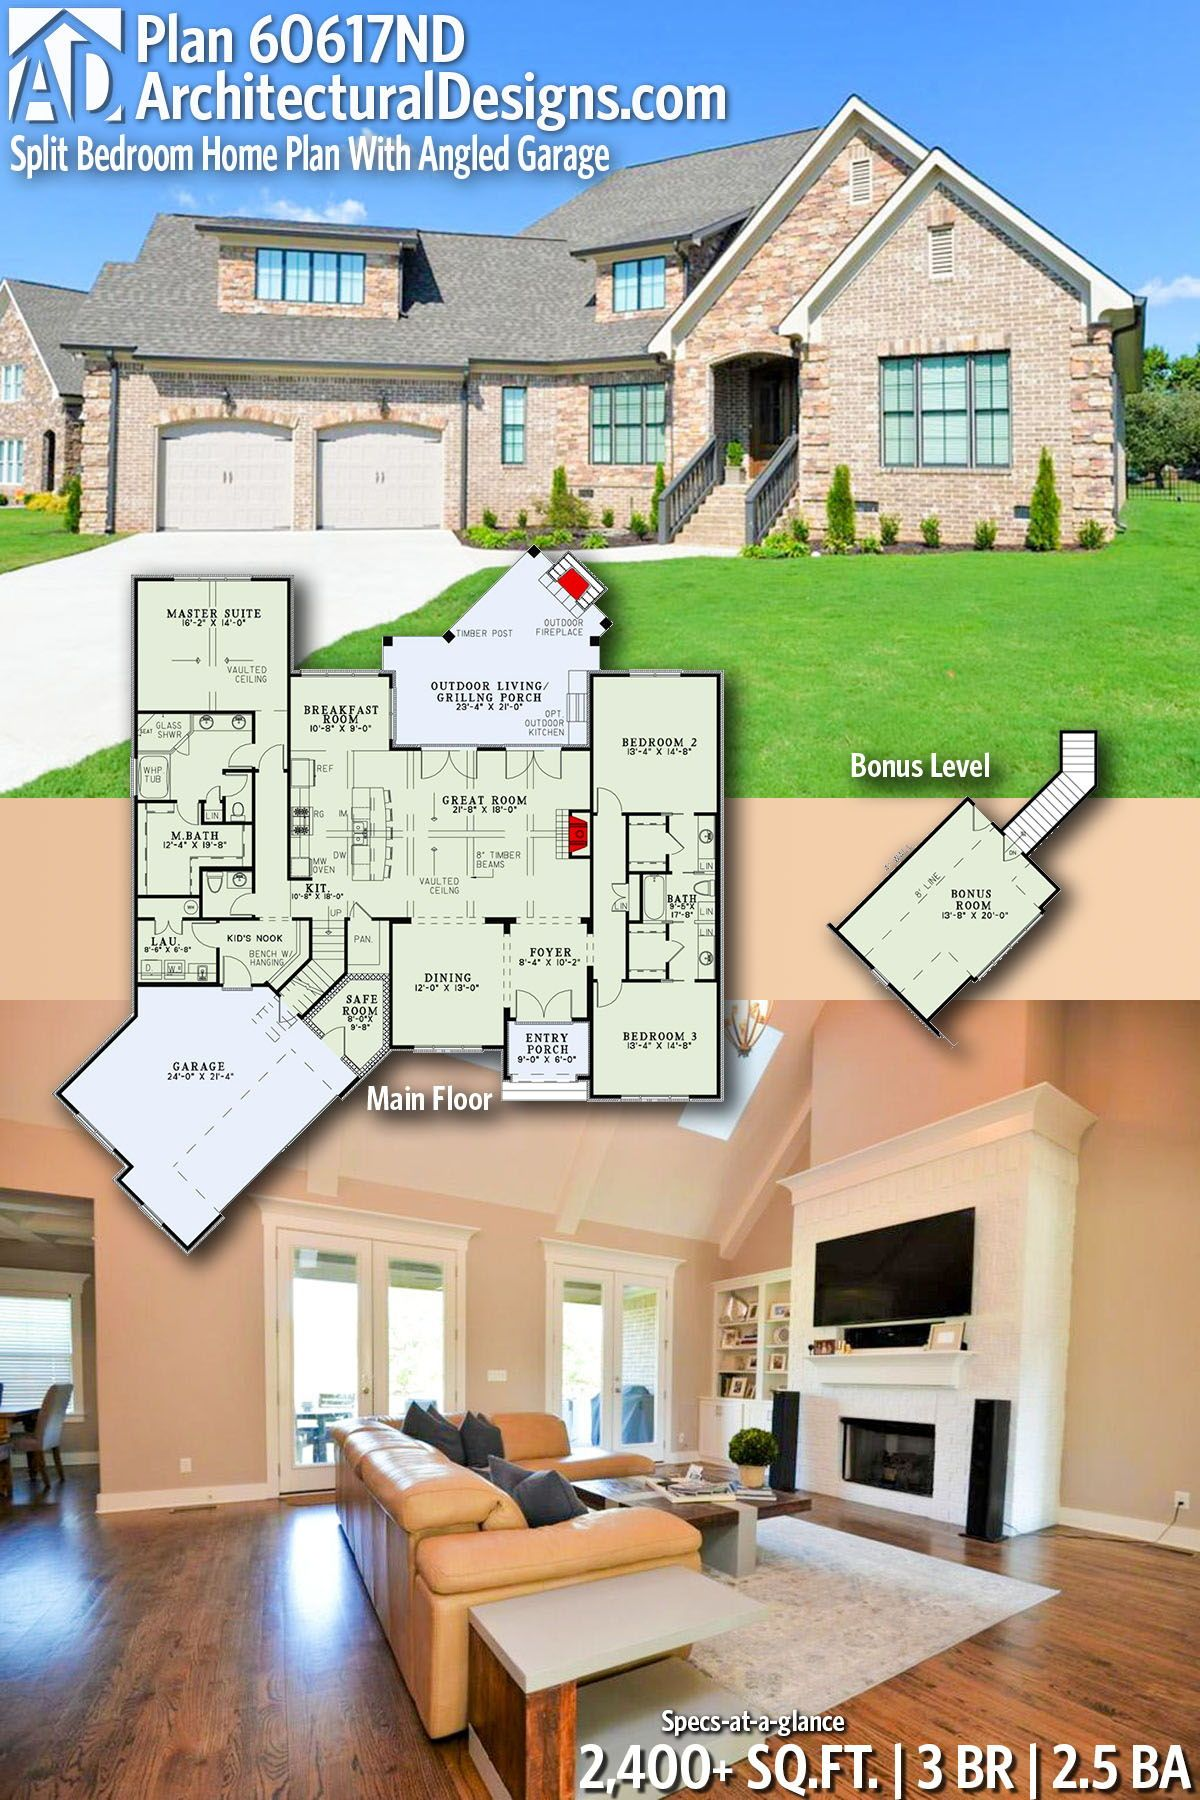 Safe Room Design: Plan 60617ND: Split Bedroom Home Plan With Angled Garage